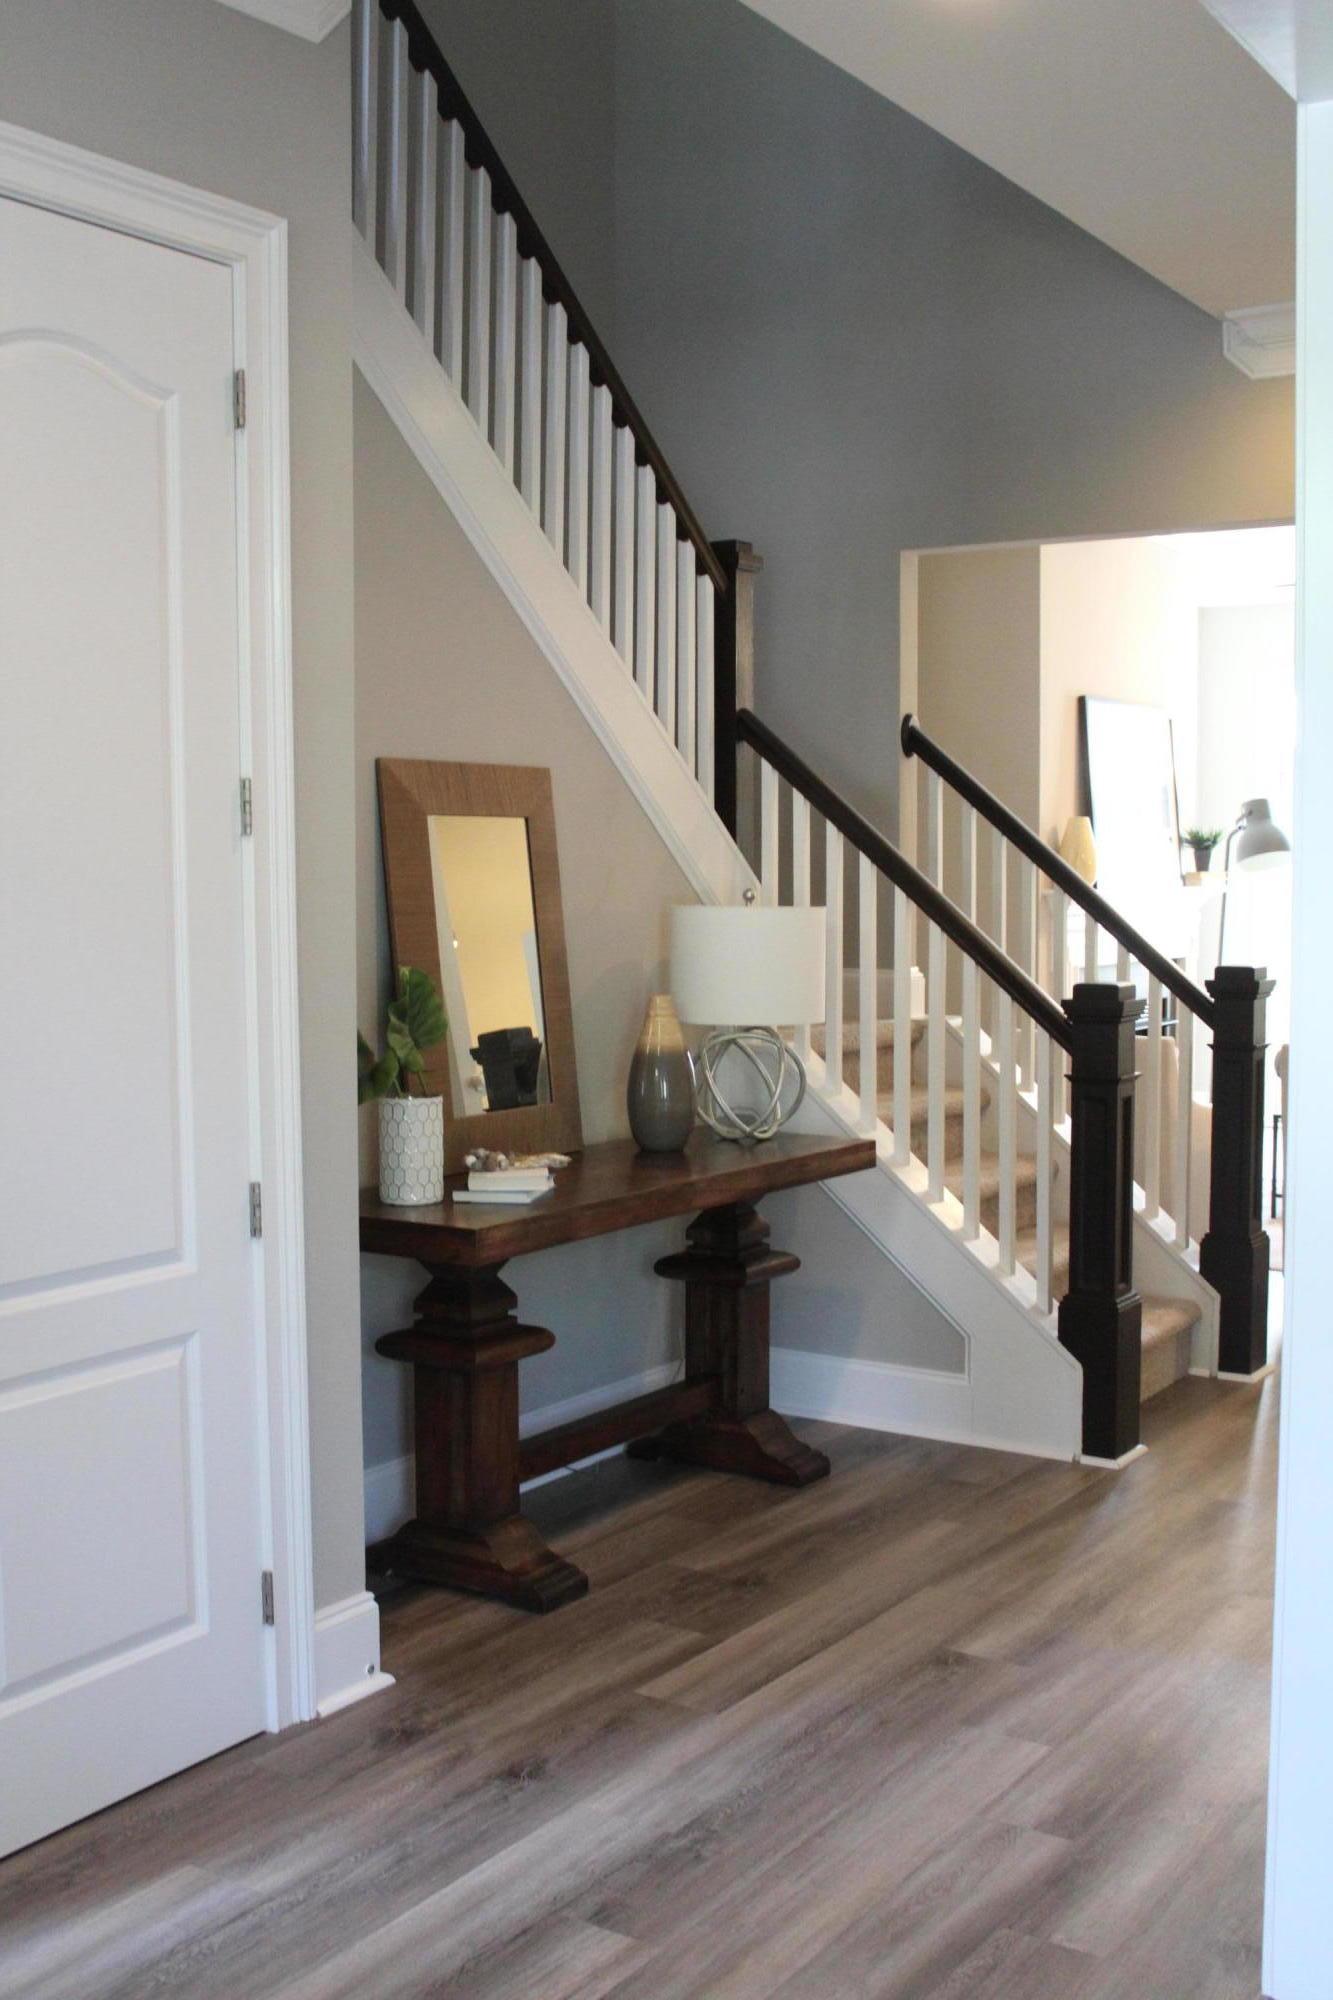 Park West Homes For Sale - 1784 Tennyson Row, Mount Pleasant, SC - 42